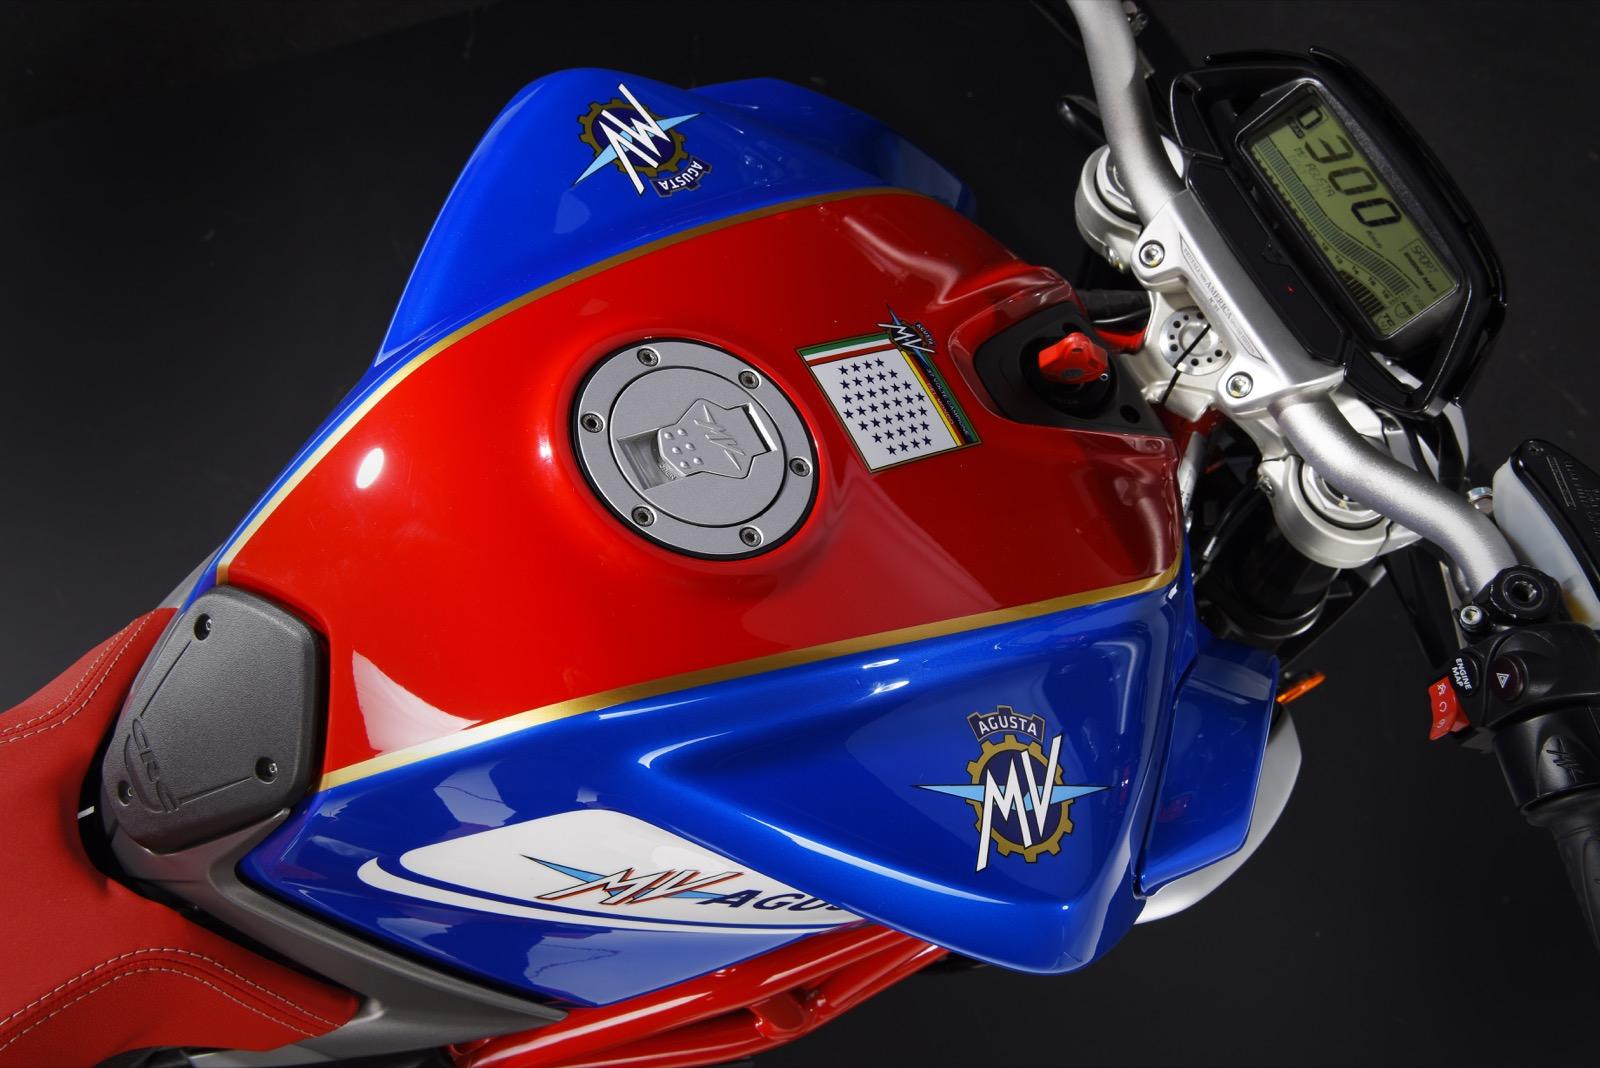 MV Agusta Brutale America